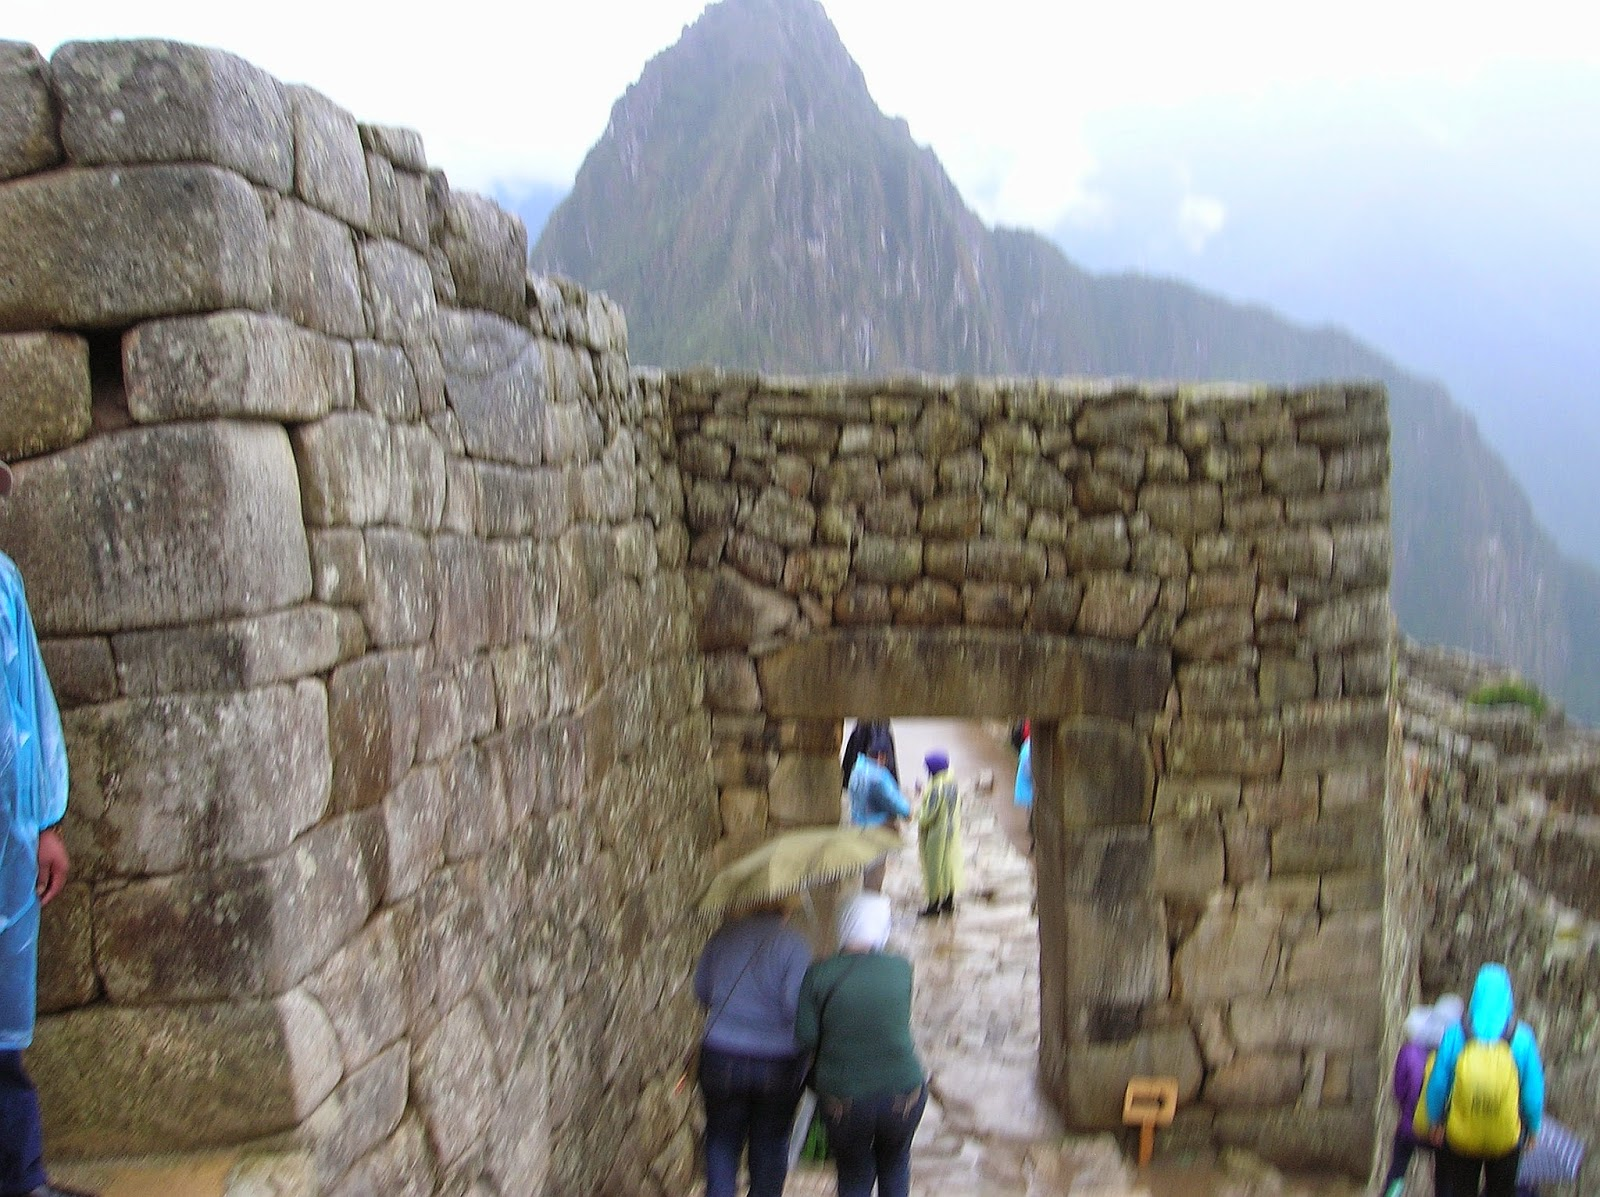 Lluvia en Machu Picchu Perú, La vuelta al mundo de Asun y Ricardo, round the world, mundoporlibre.com